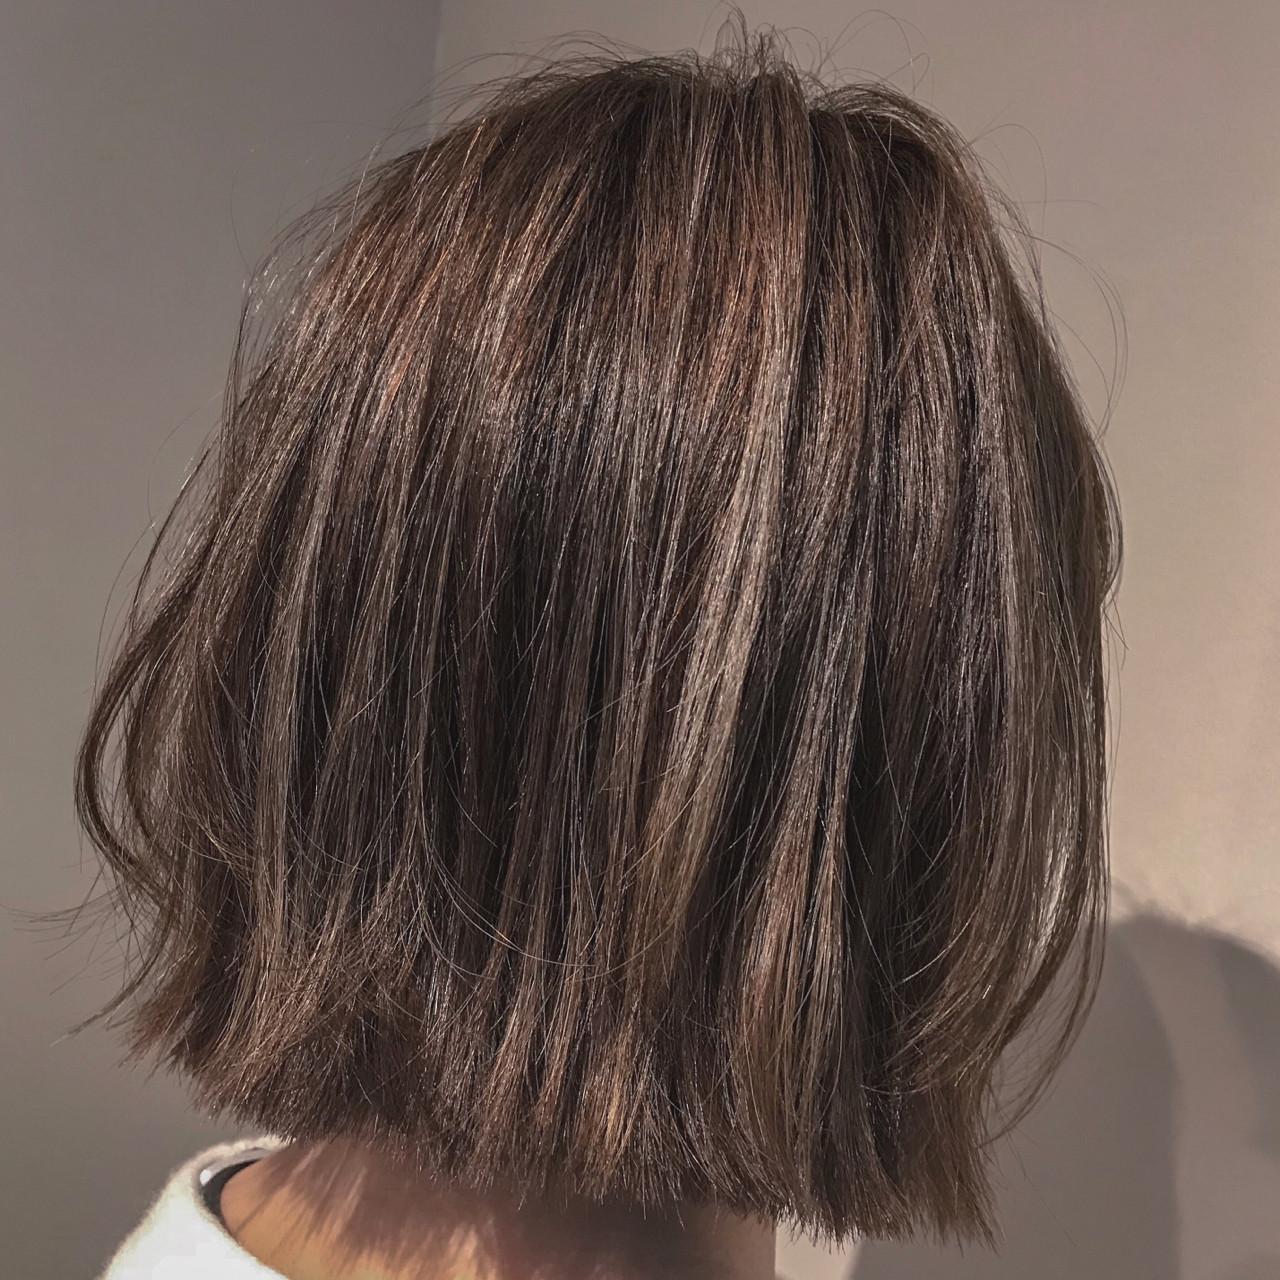 外ハネ アンニュイ ボブ ナチュラル ヘアスタイルや髪型の写真・画像 | TOMOKO KUDO / IKKA